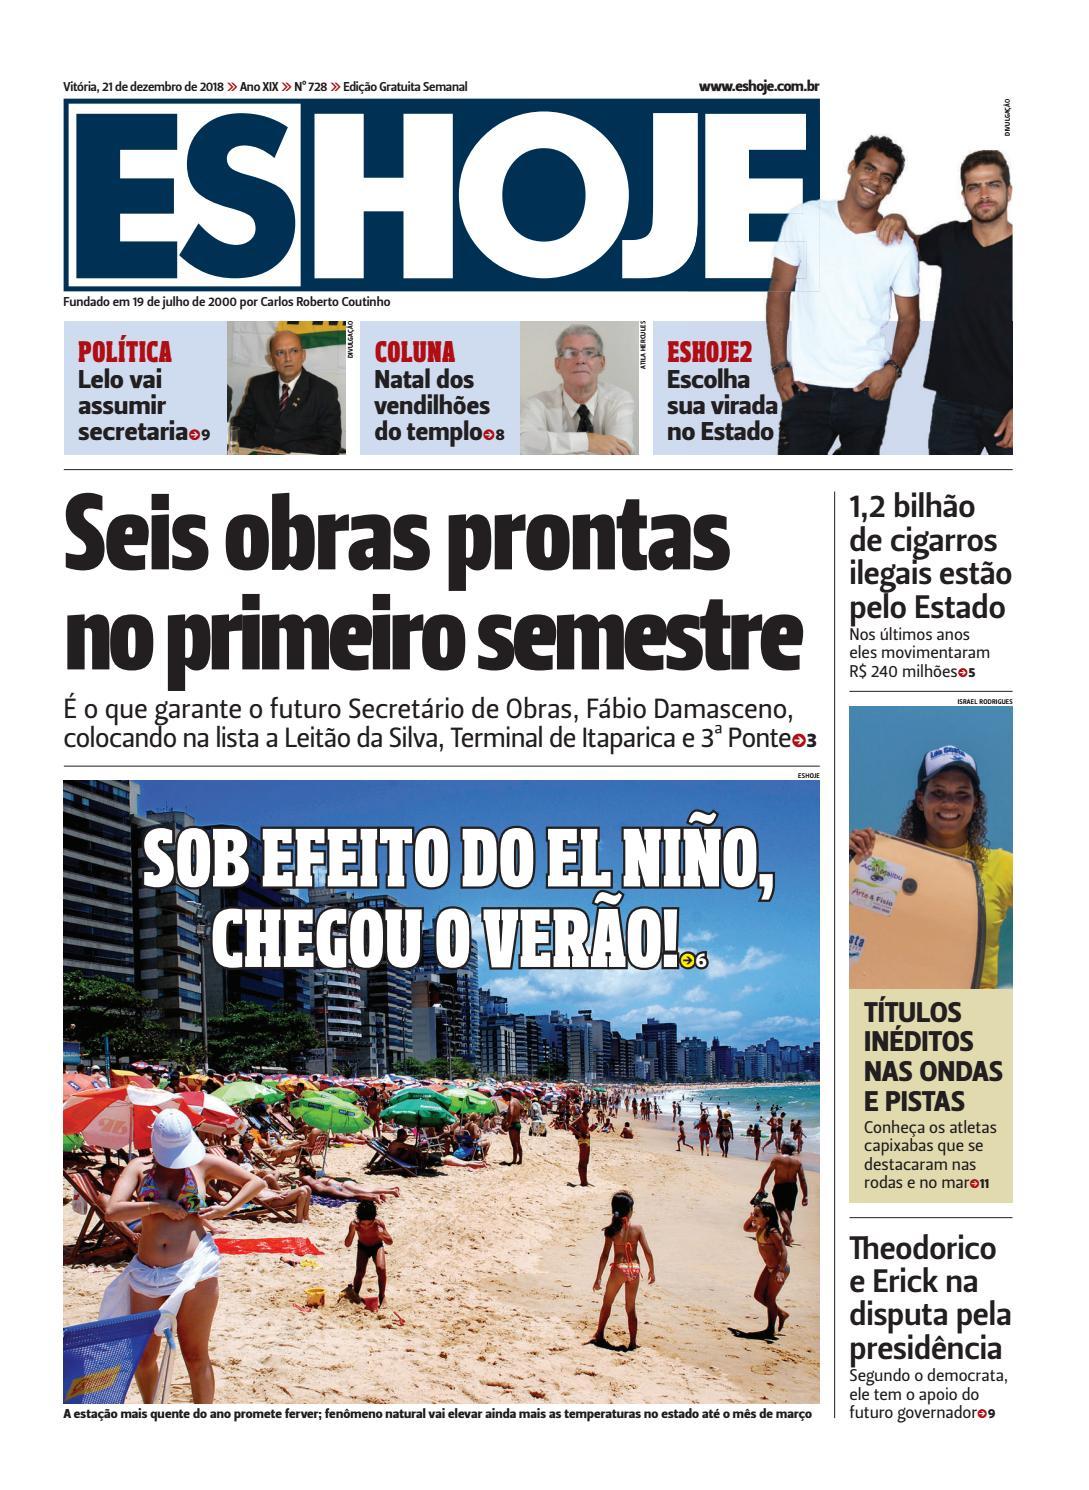 Jornal ESHOJE 728 by Jornal ESHOJE - issuu 8e9f7115818fc